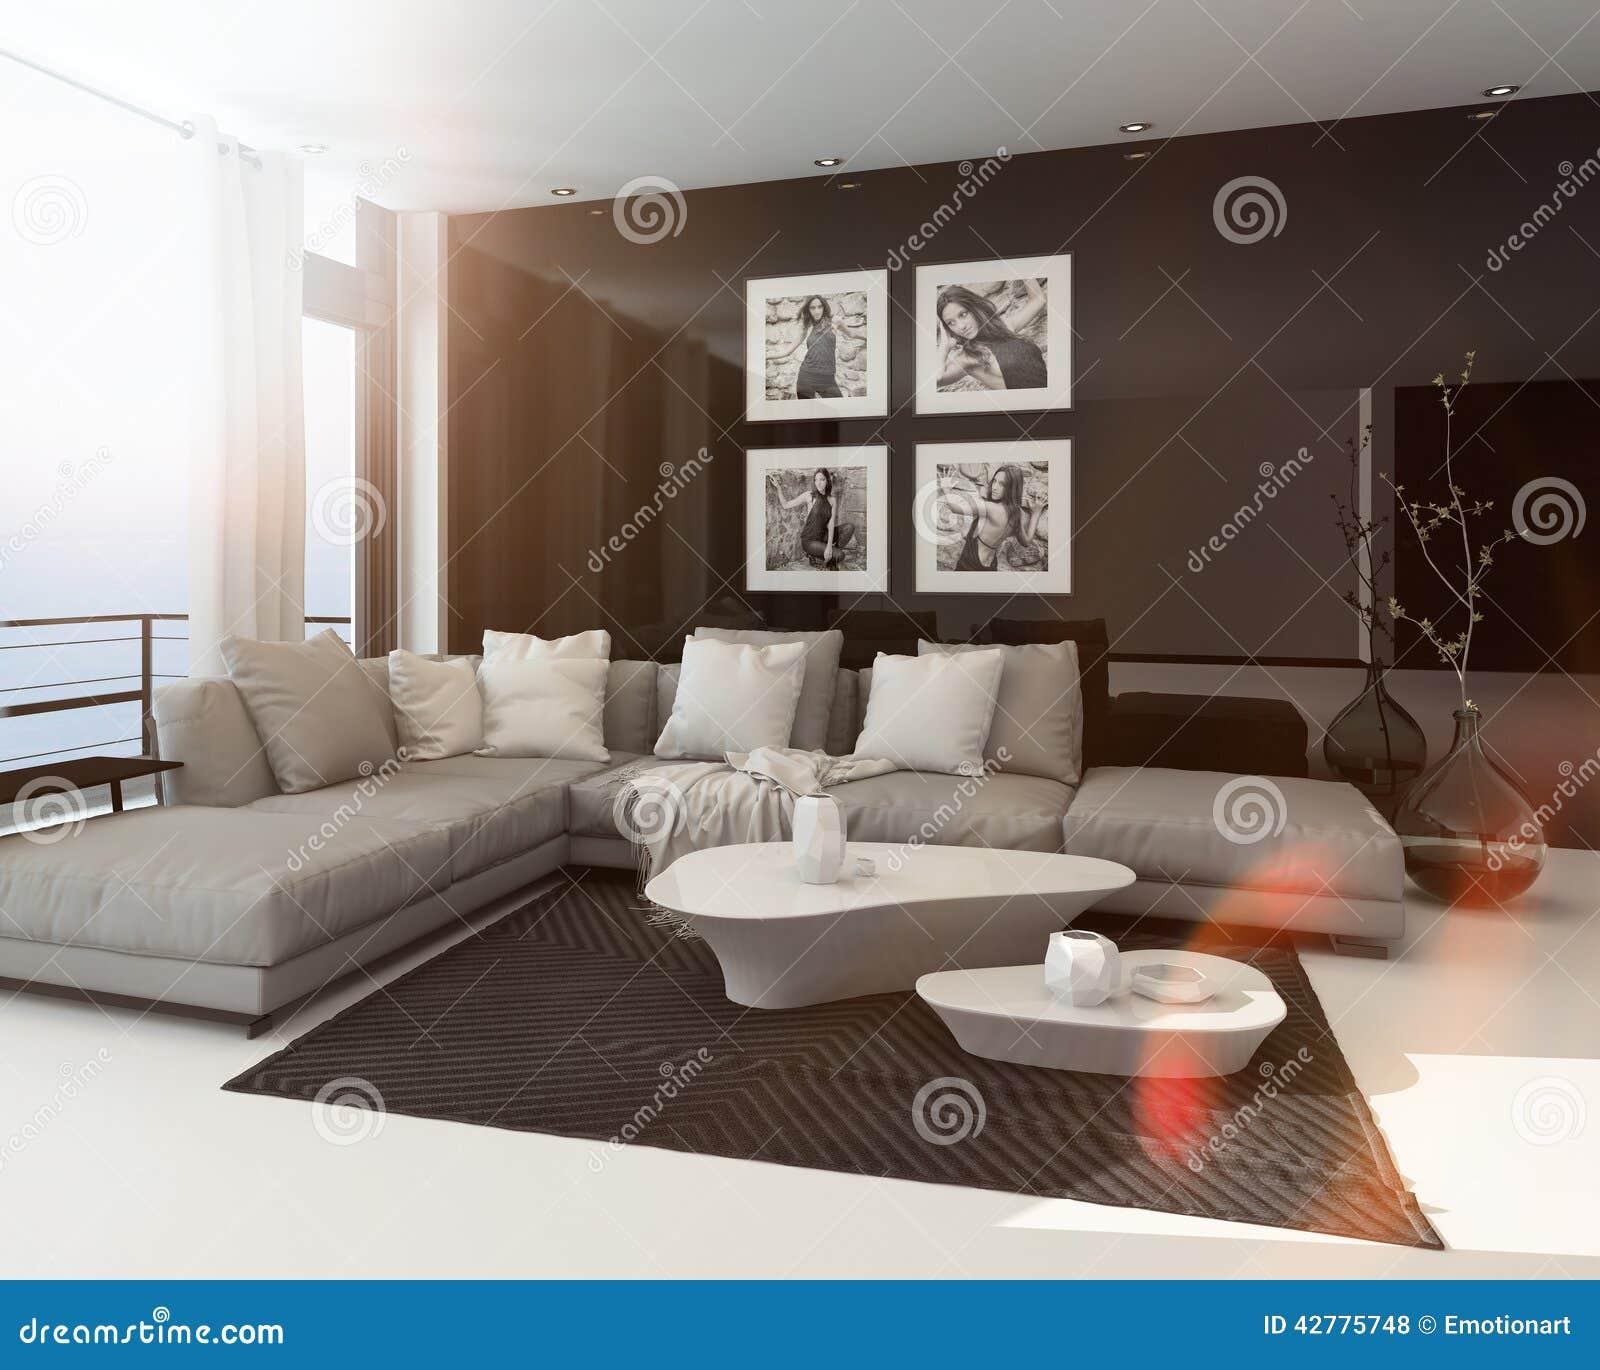 Slaapkamer muur kleur aanbeveling - Trend schilderij slaapkamer ...